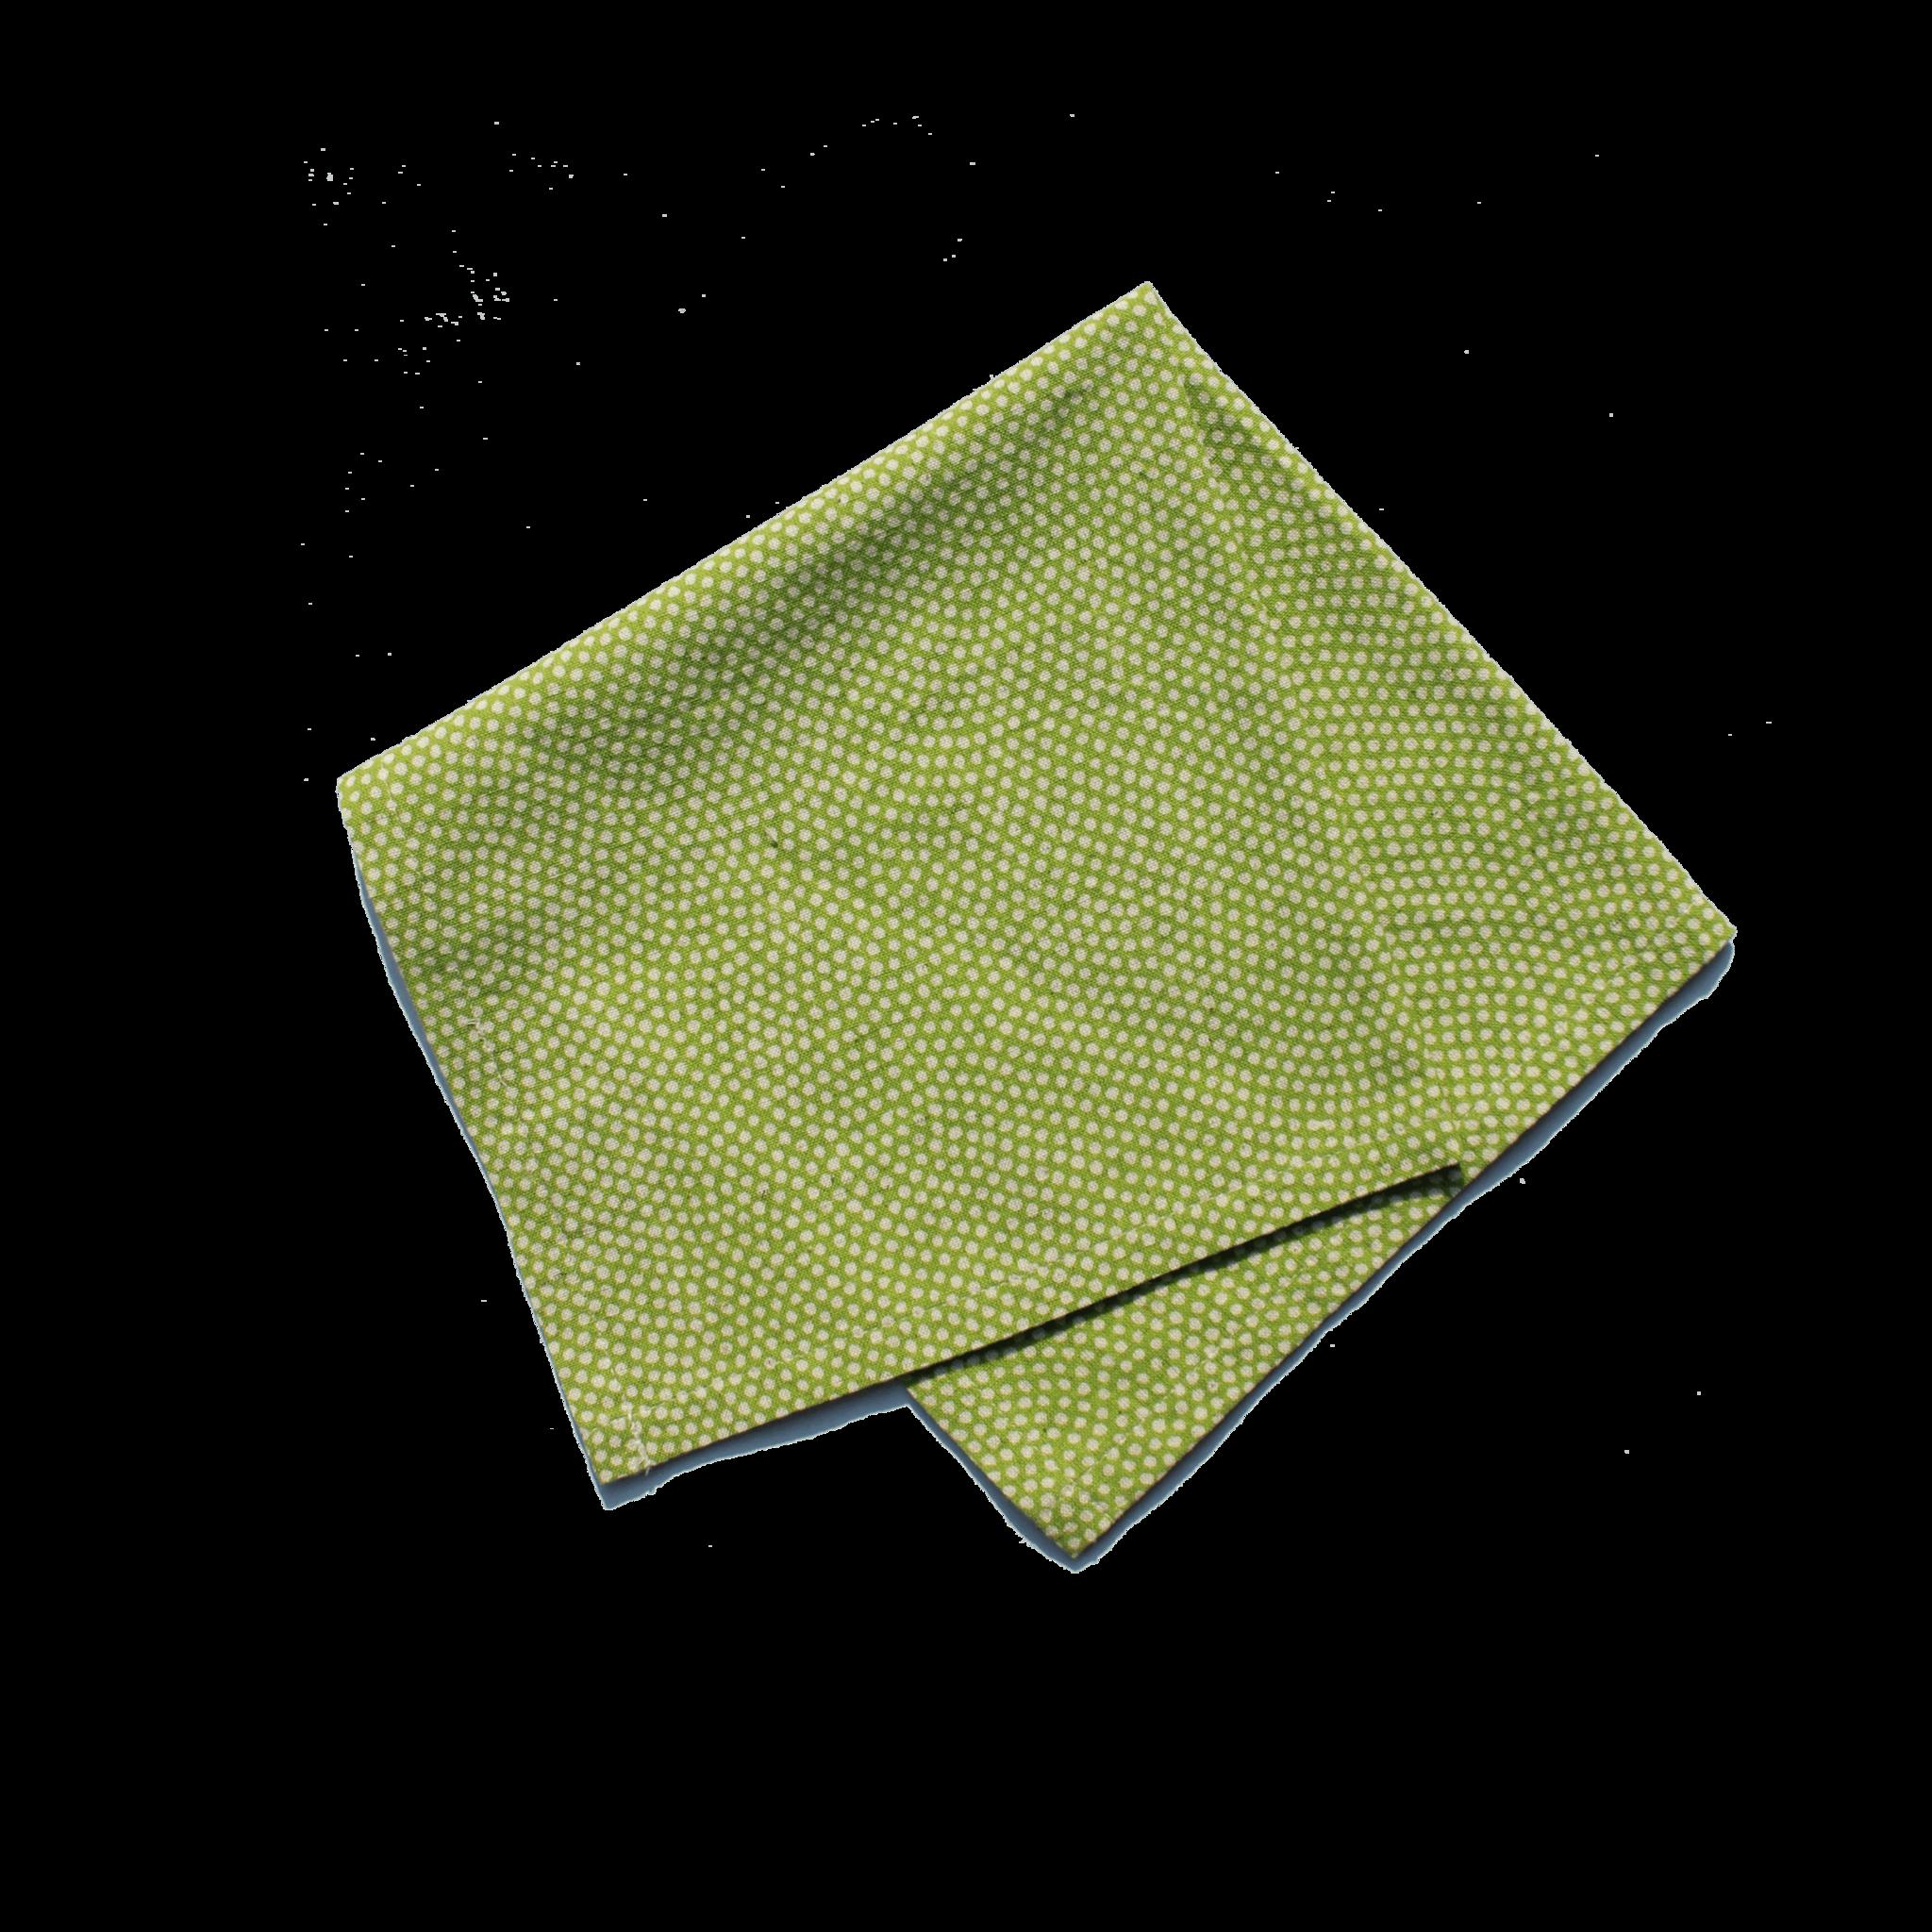 Png images free download. Napkin clipart napkin holder